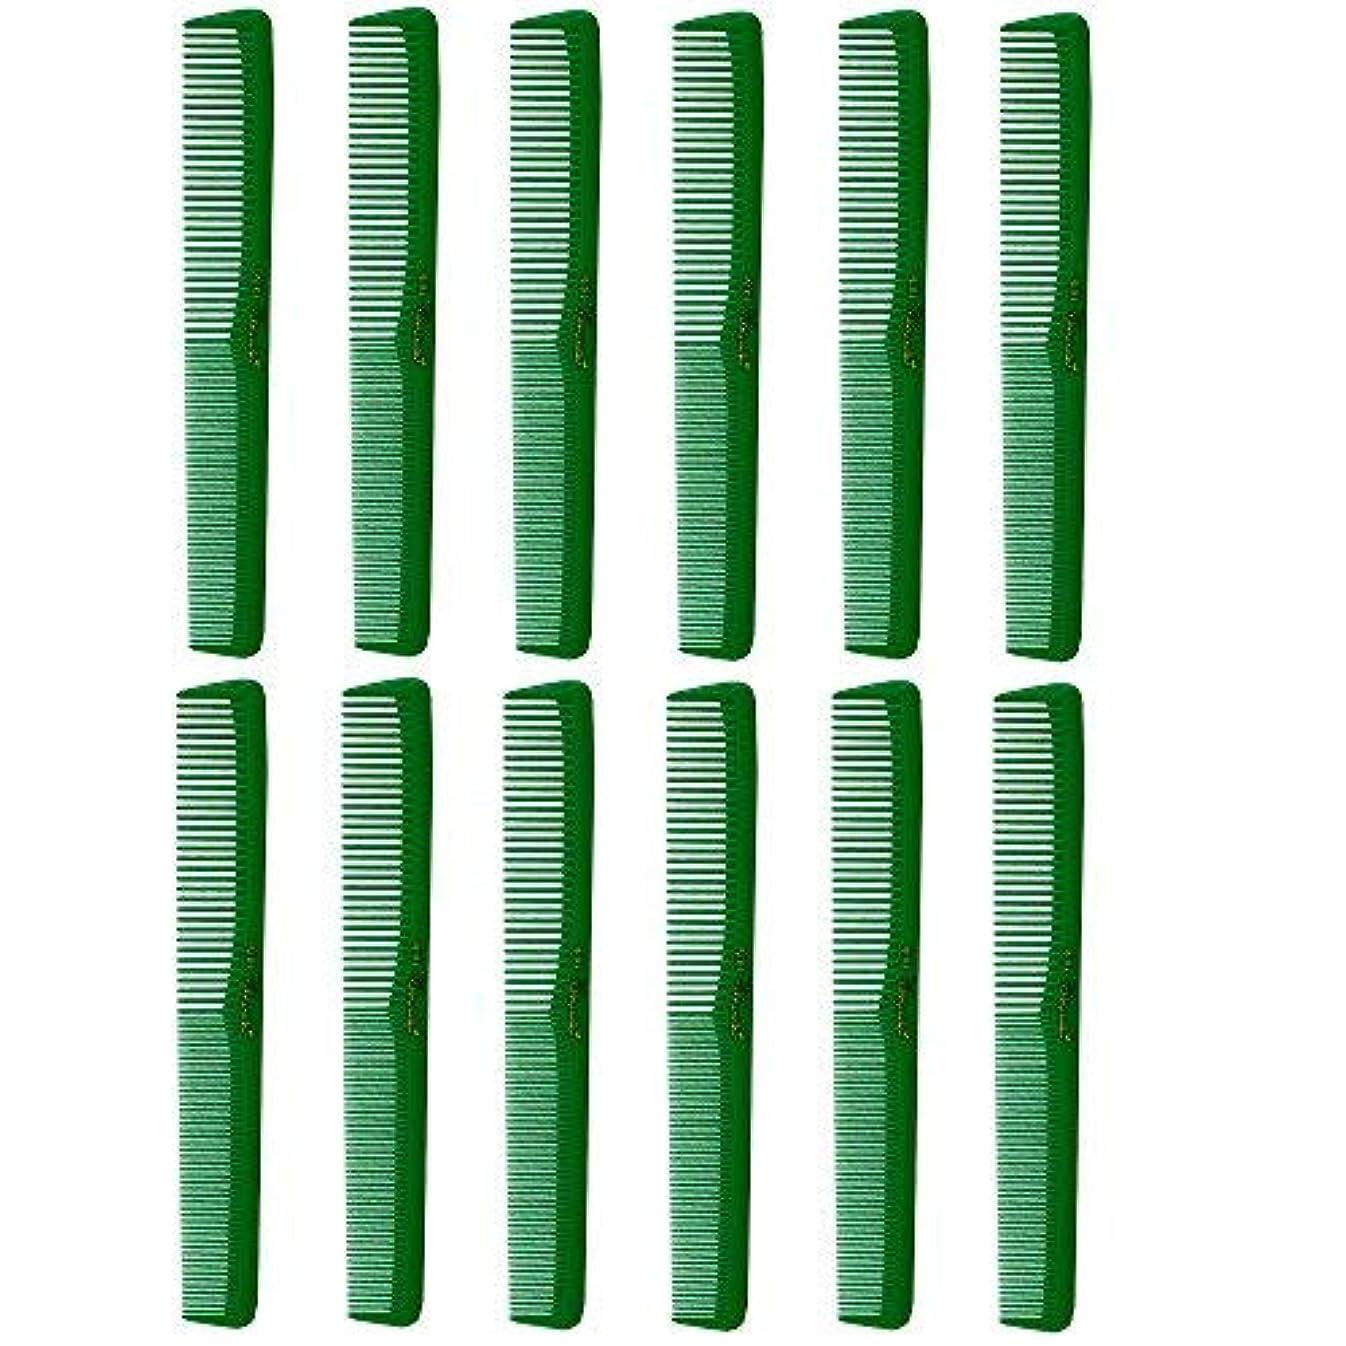 切り離す動剥ぎ取るBarber Beauty Hair Cleopatra 400 All Purpose Combs (12 Pack) 12 x SB-C400-GREEN [並行輸入品]